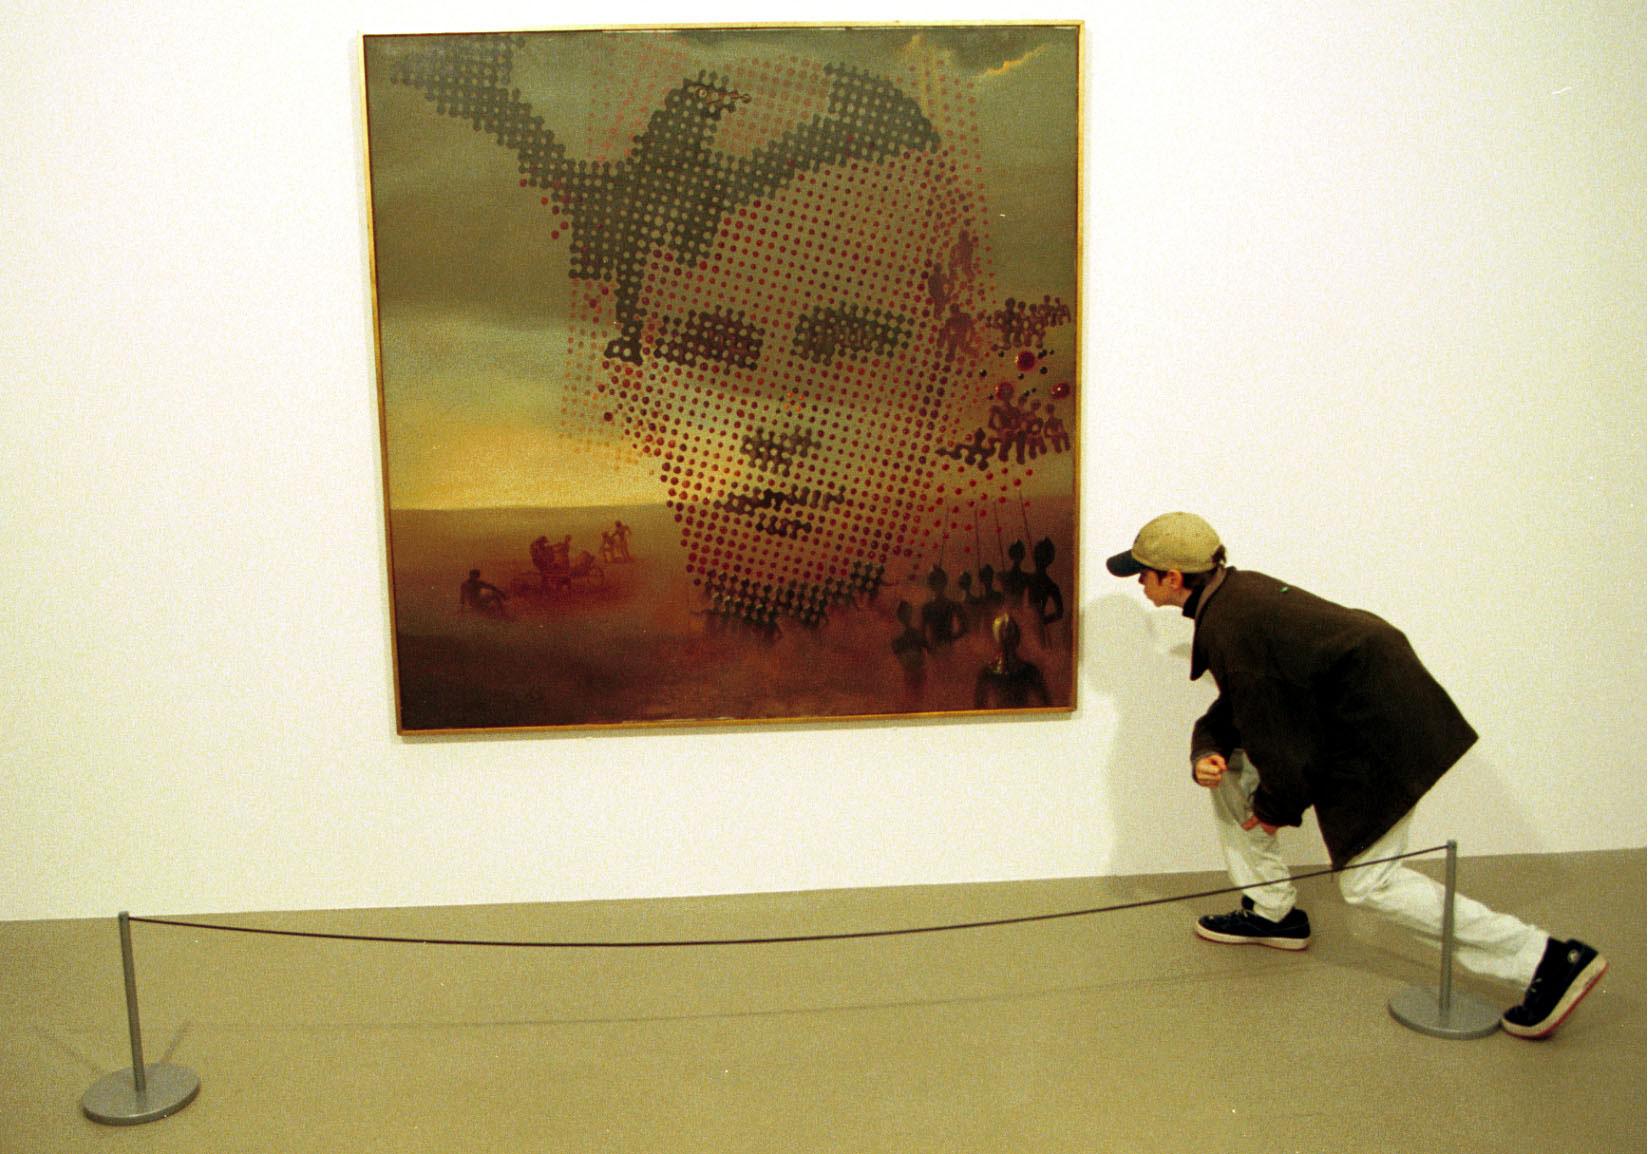 """Картину """"Портрет моего умершего брата"""" (1963 год) Дали написал вэтот поздний период своего творчества. Вэти годы была открыта ДНК, иу Дали начался новый виток интереса кродственной связи ивозможностям бессмертия."""